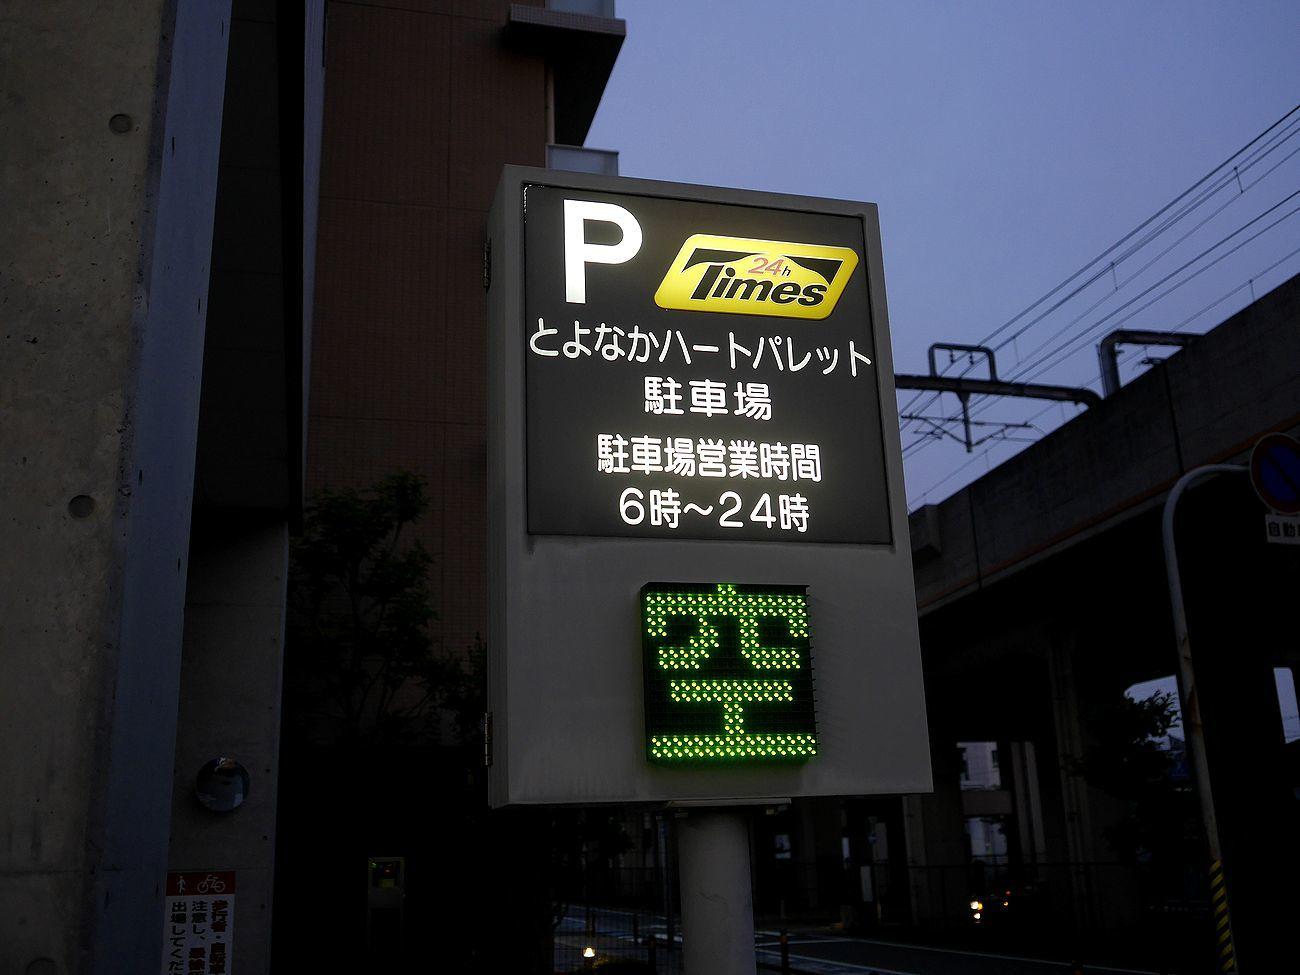 _1350952.jpg